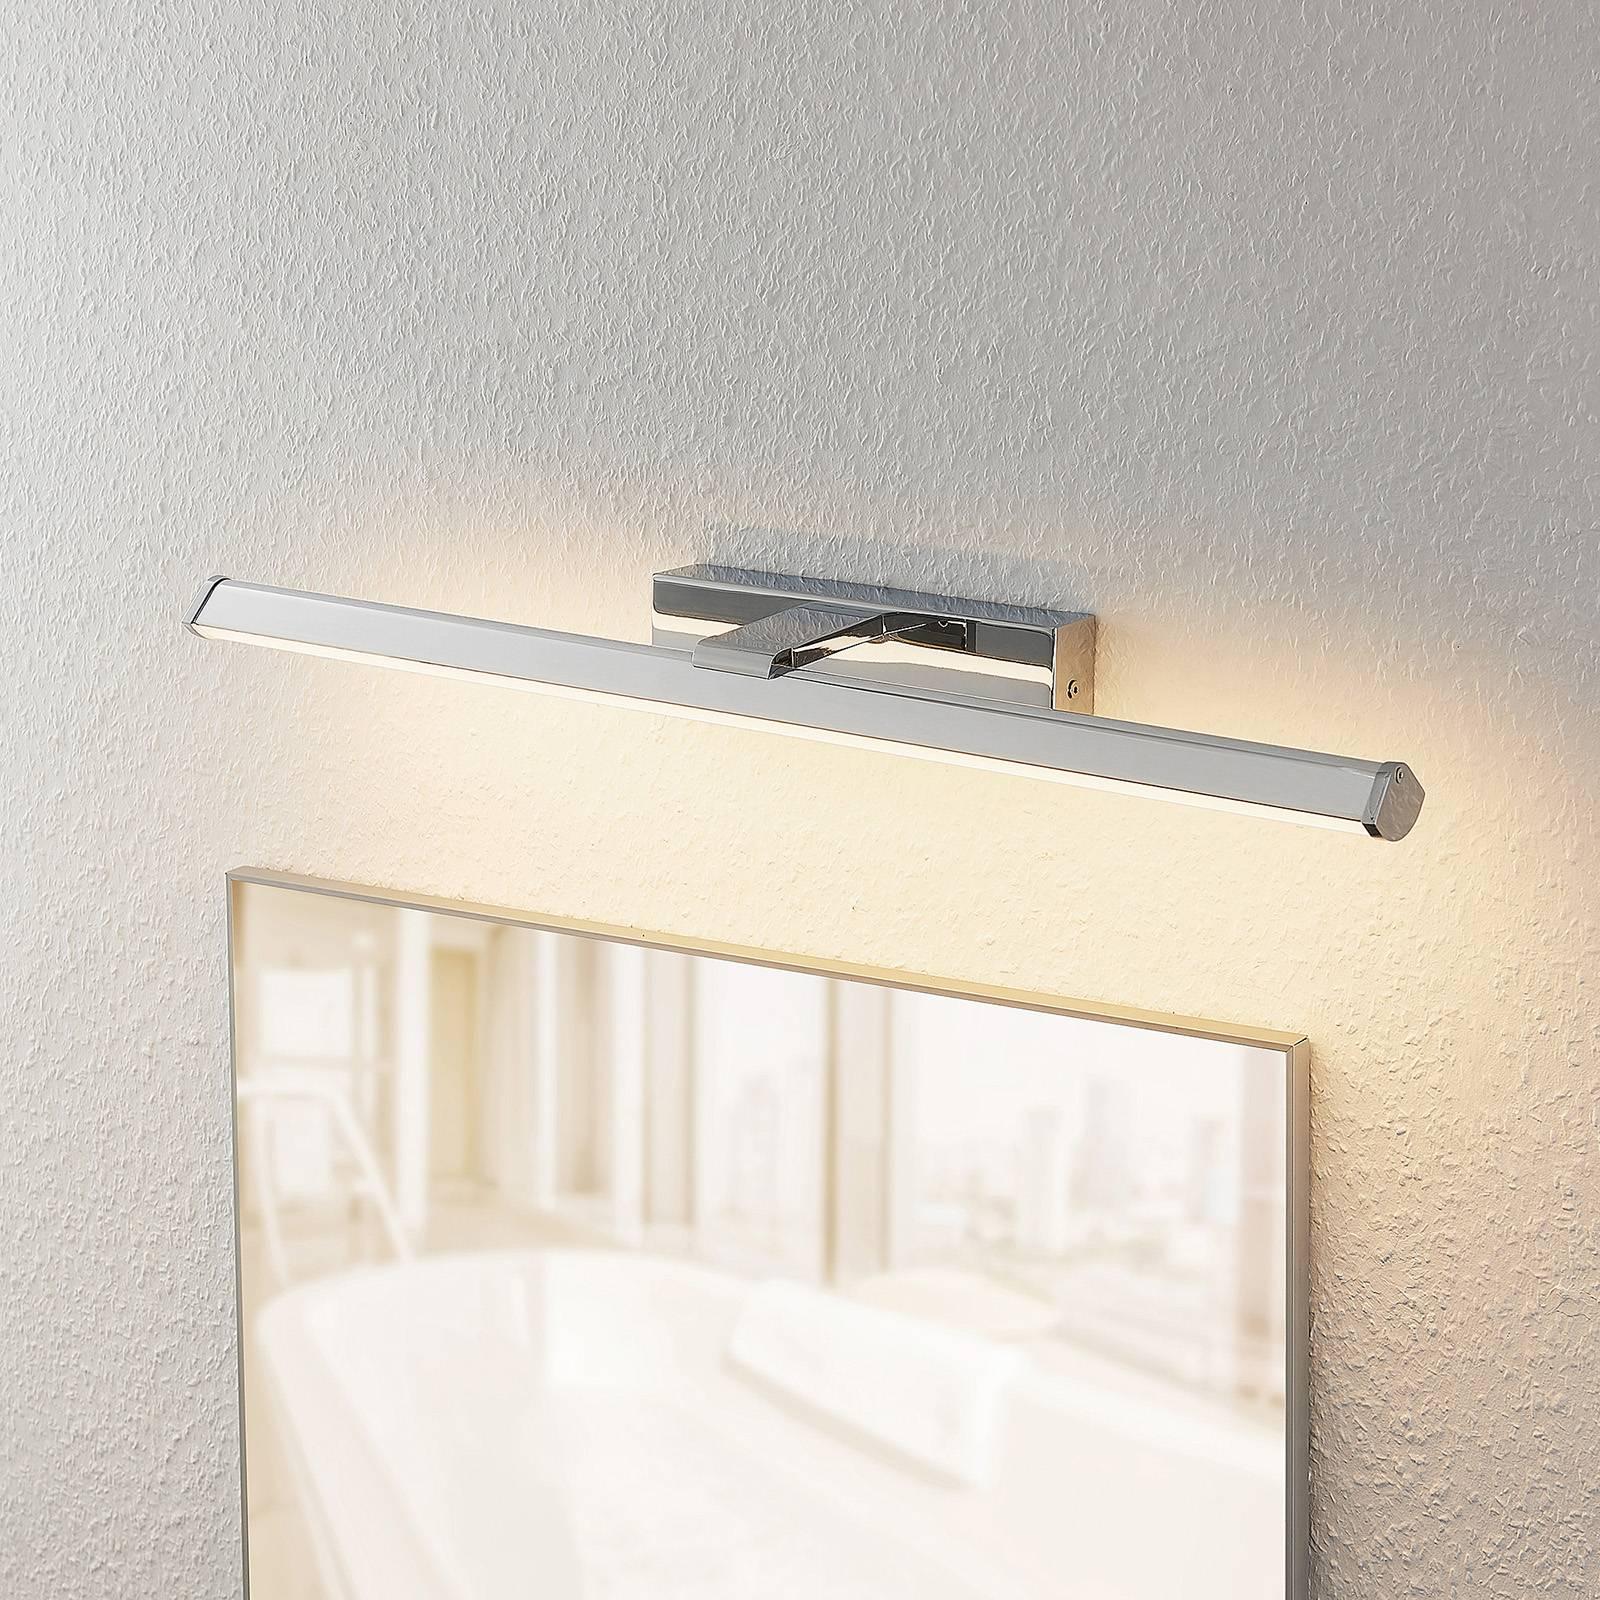 Lindby Bilak applique pour miroir LED